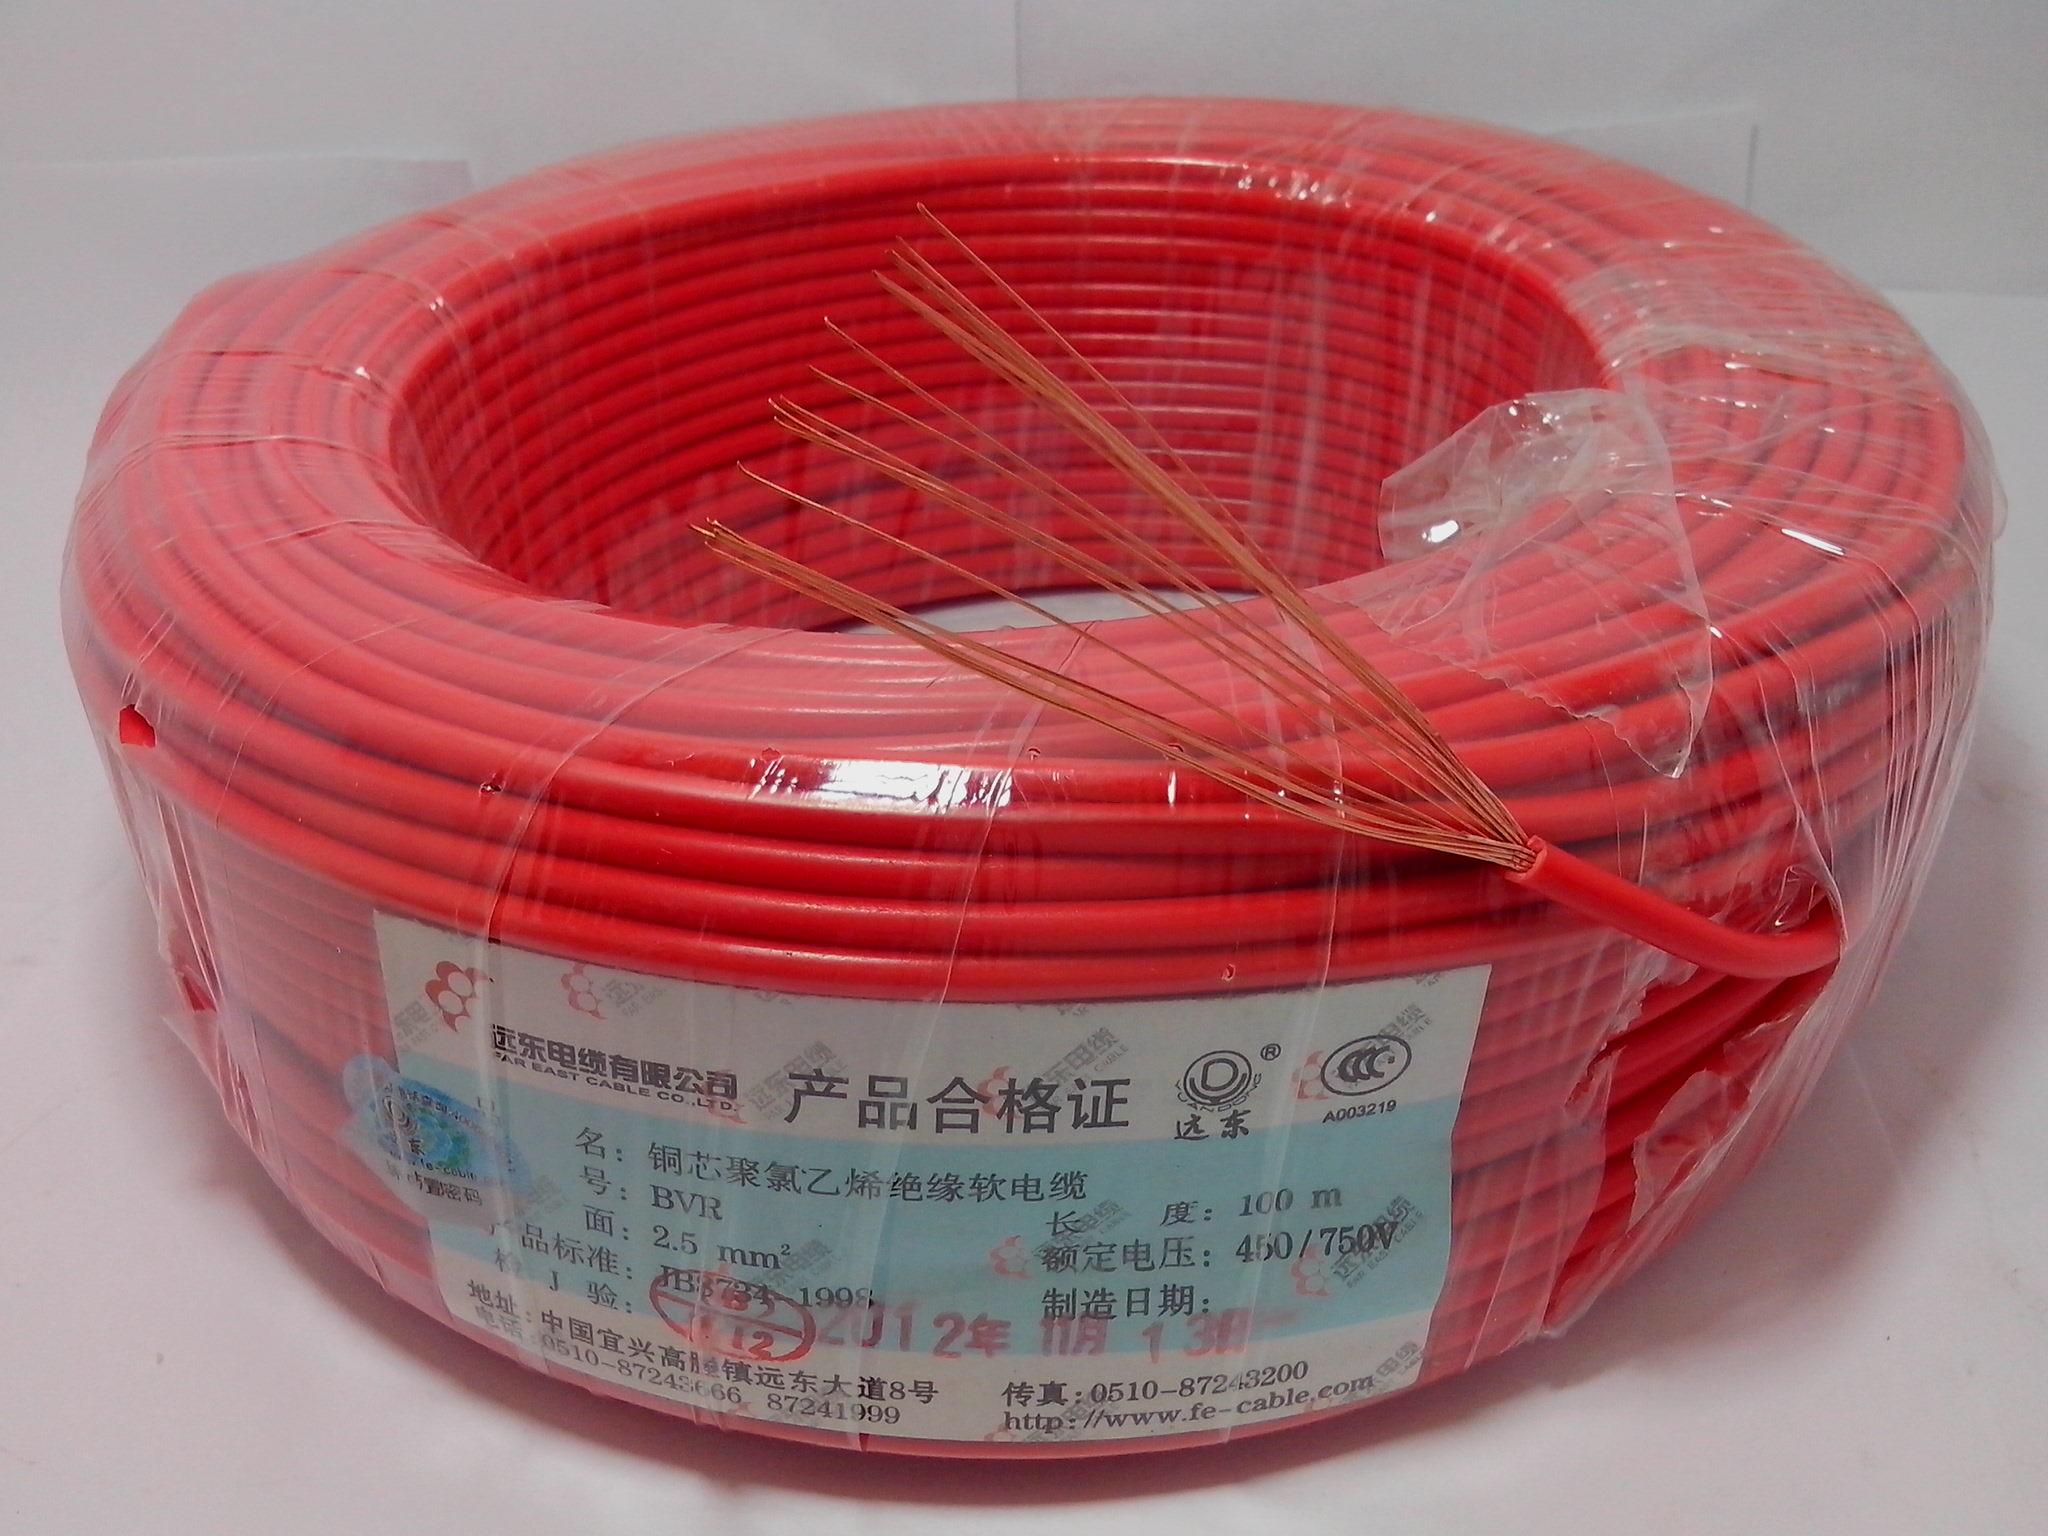 远东电线电缆bvr2.5平方国标多股铜芯软线100m商品图片价格图片